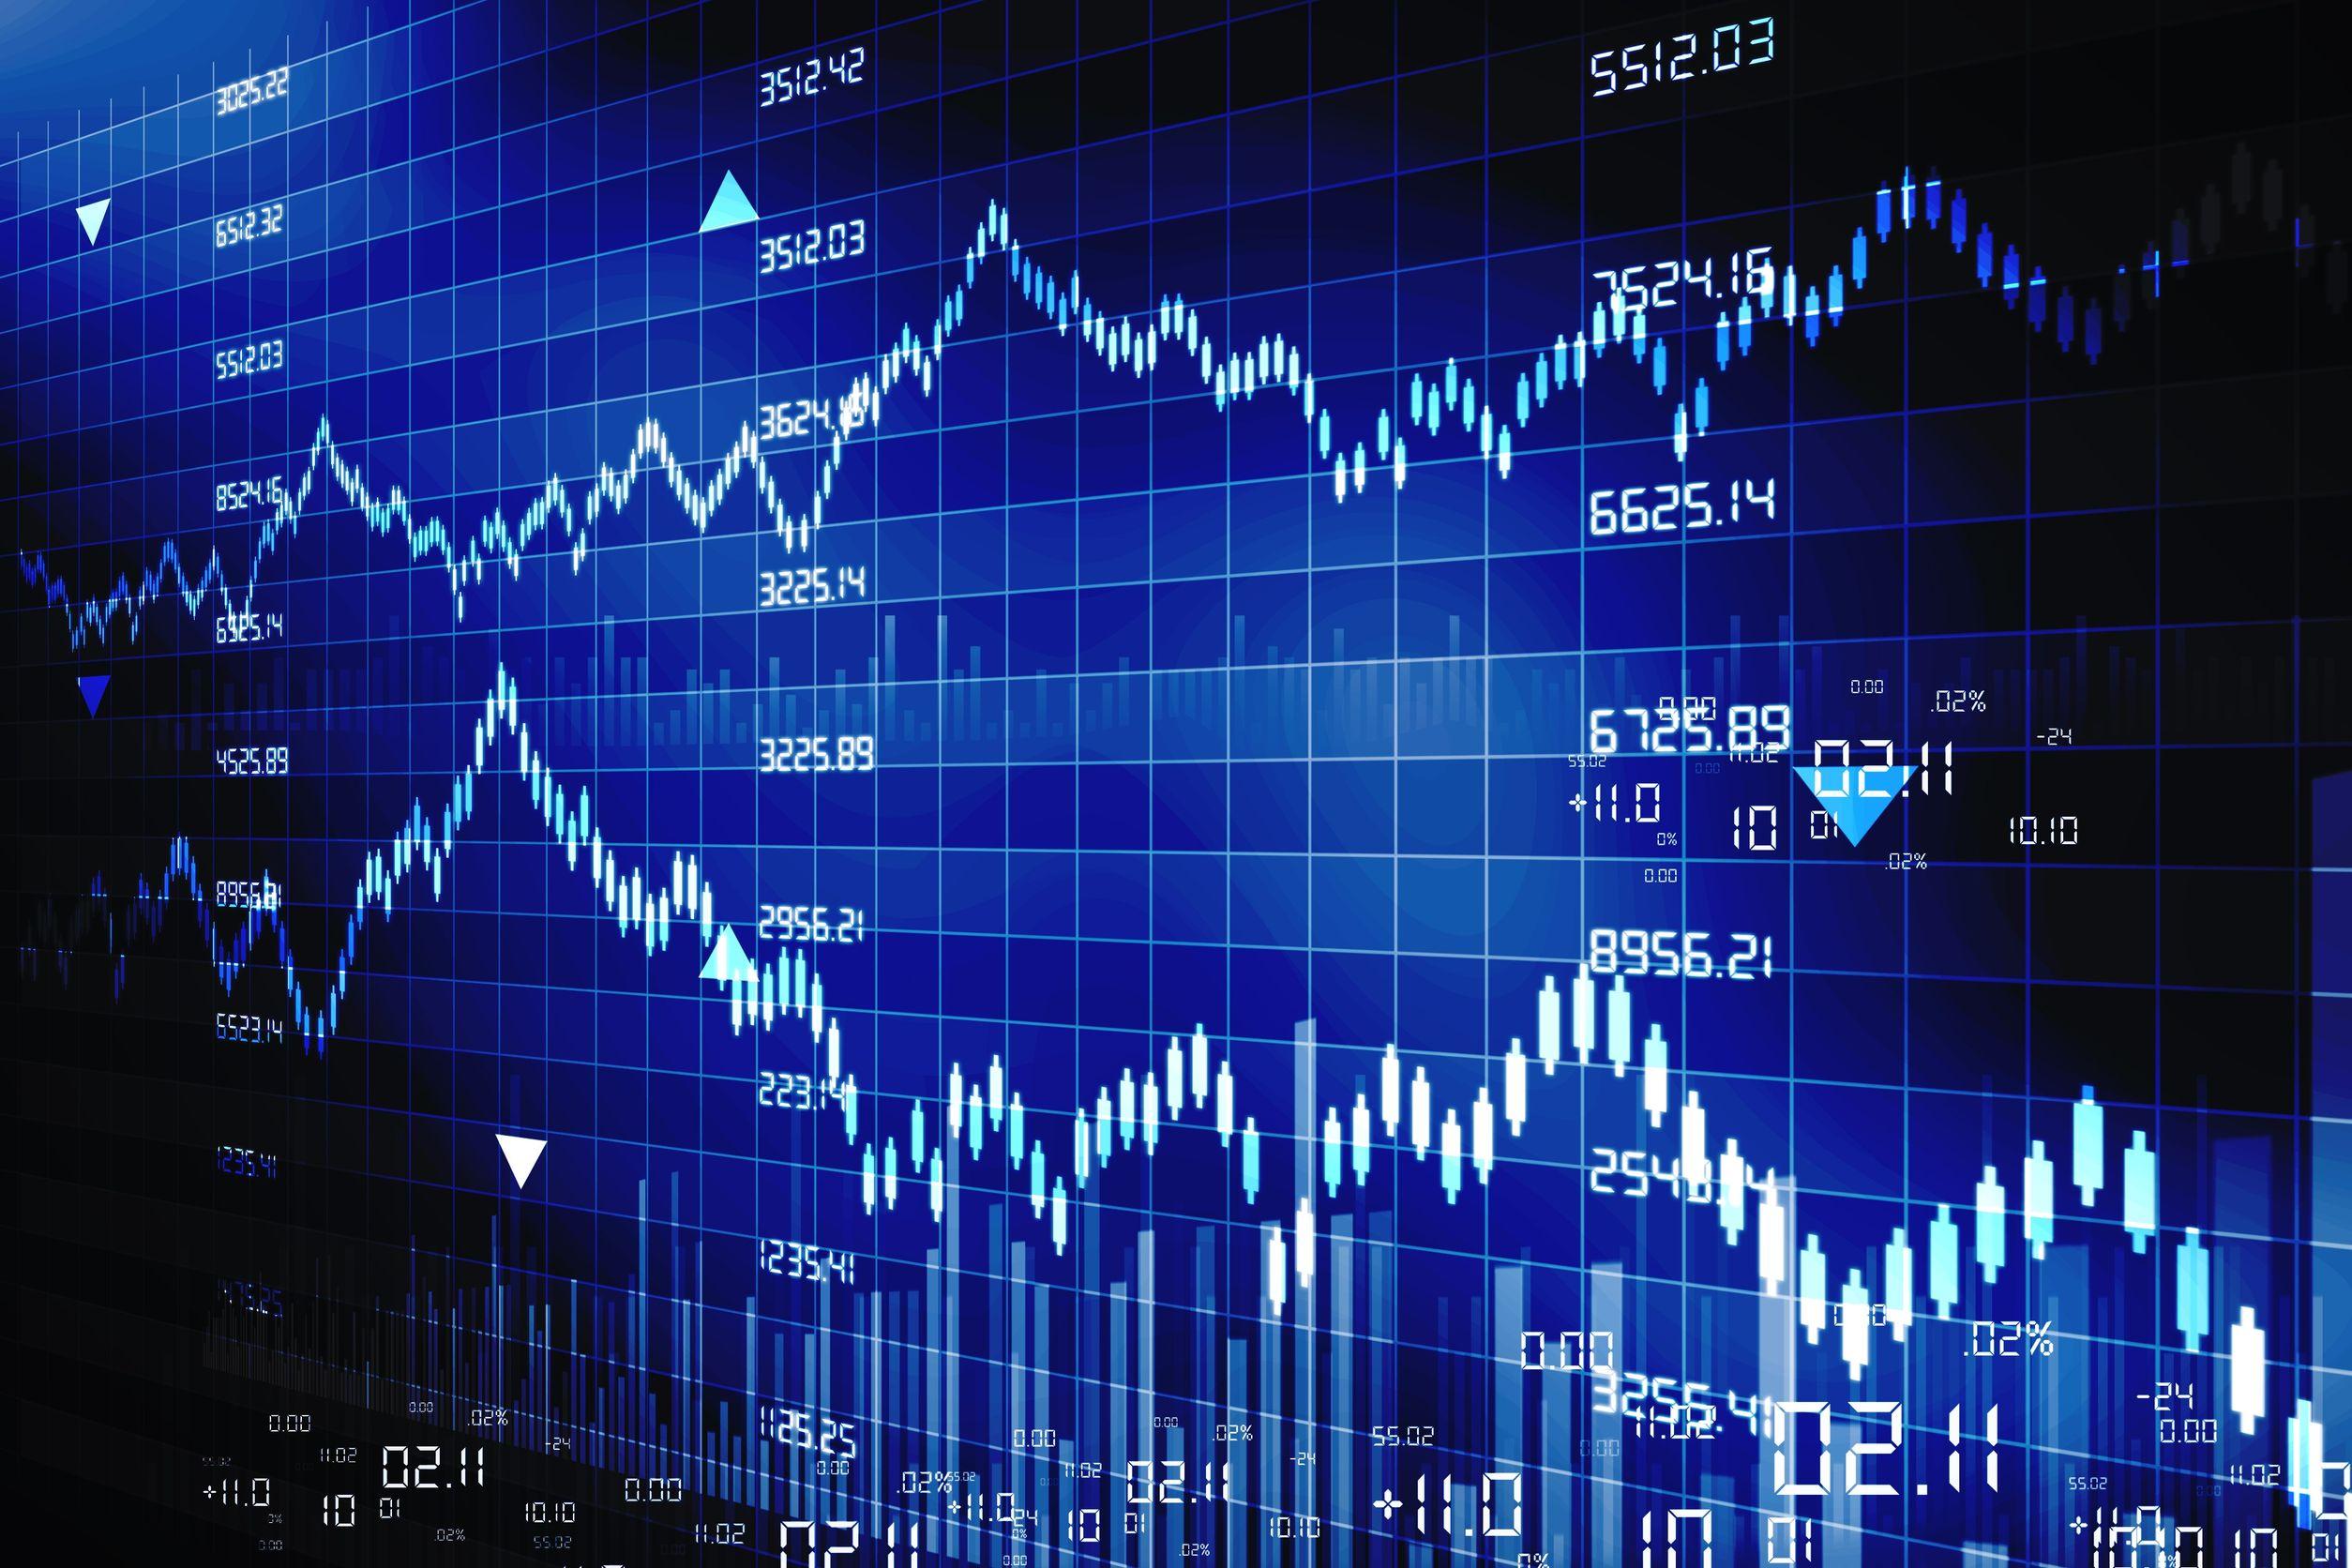 Andamento del Forex e Previsioni Affidabili in Tempo Reale